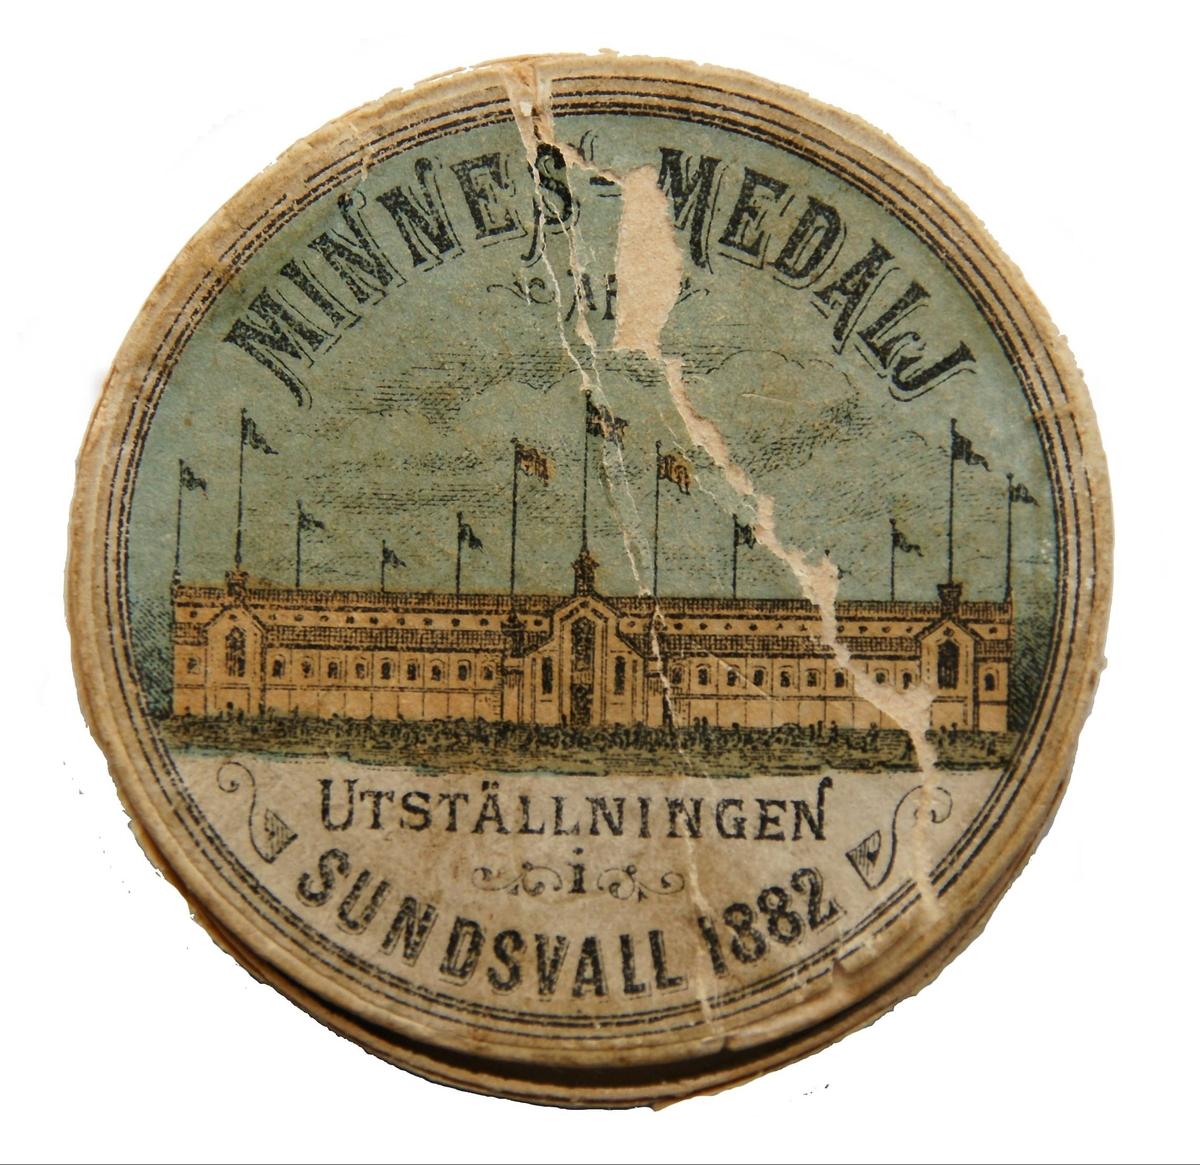 """Rund minnespenning med teckning av en byggnad med många flaggor och texten """"Minnesmedalj av utställningen i Sundsvall 1882""""."""